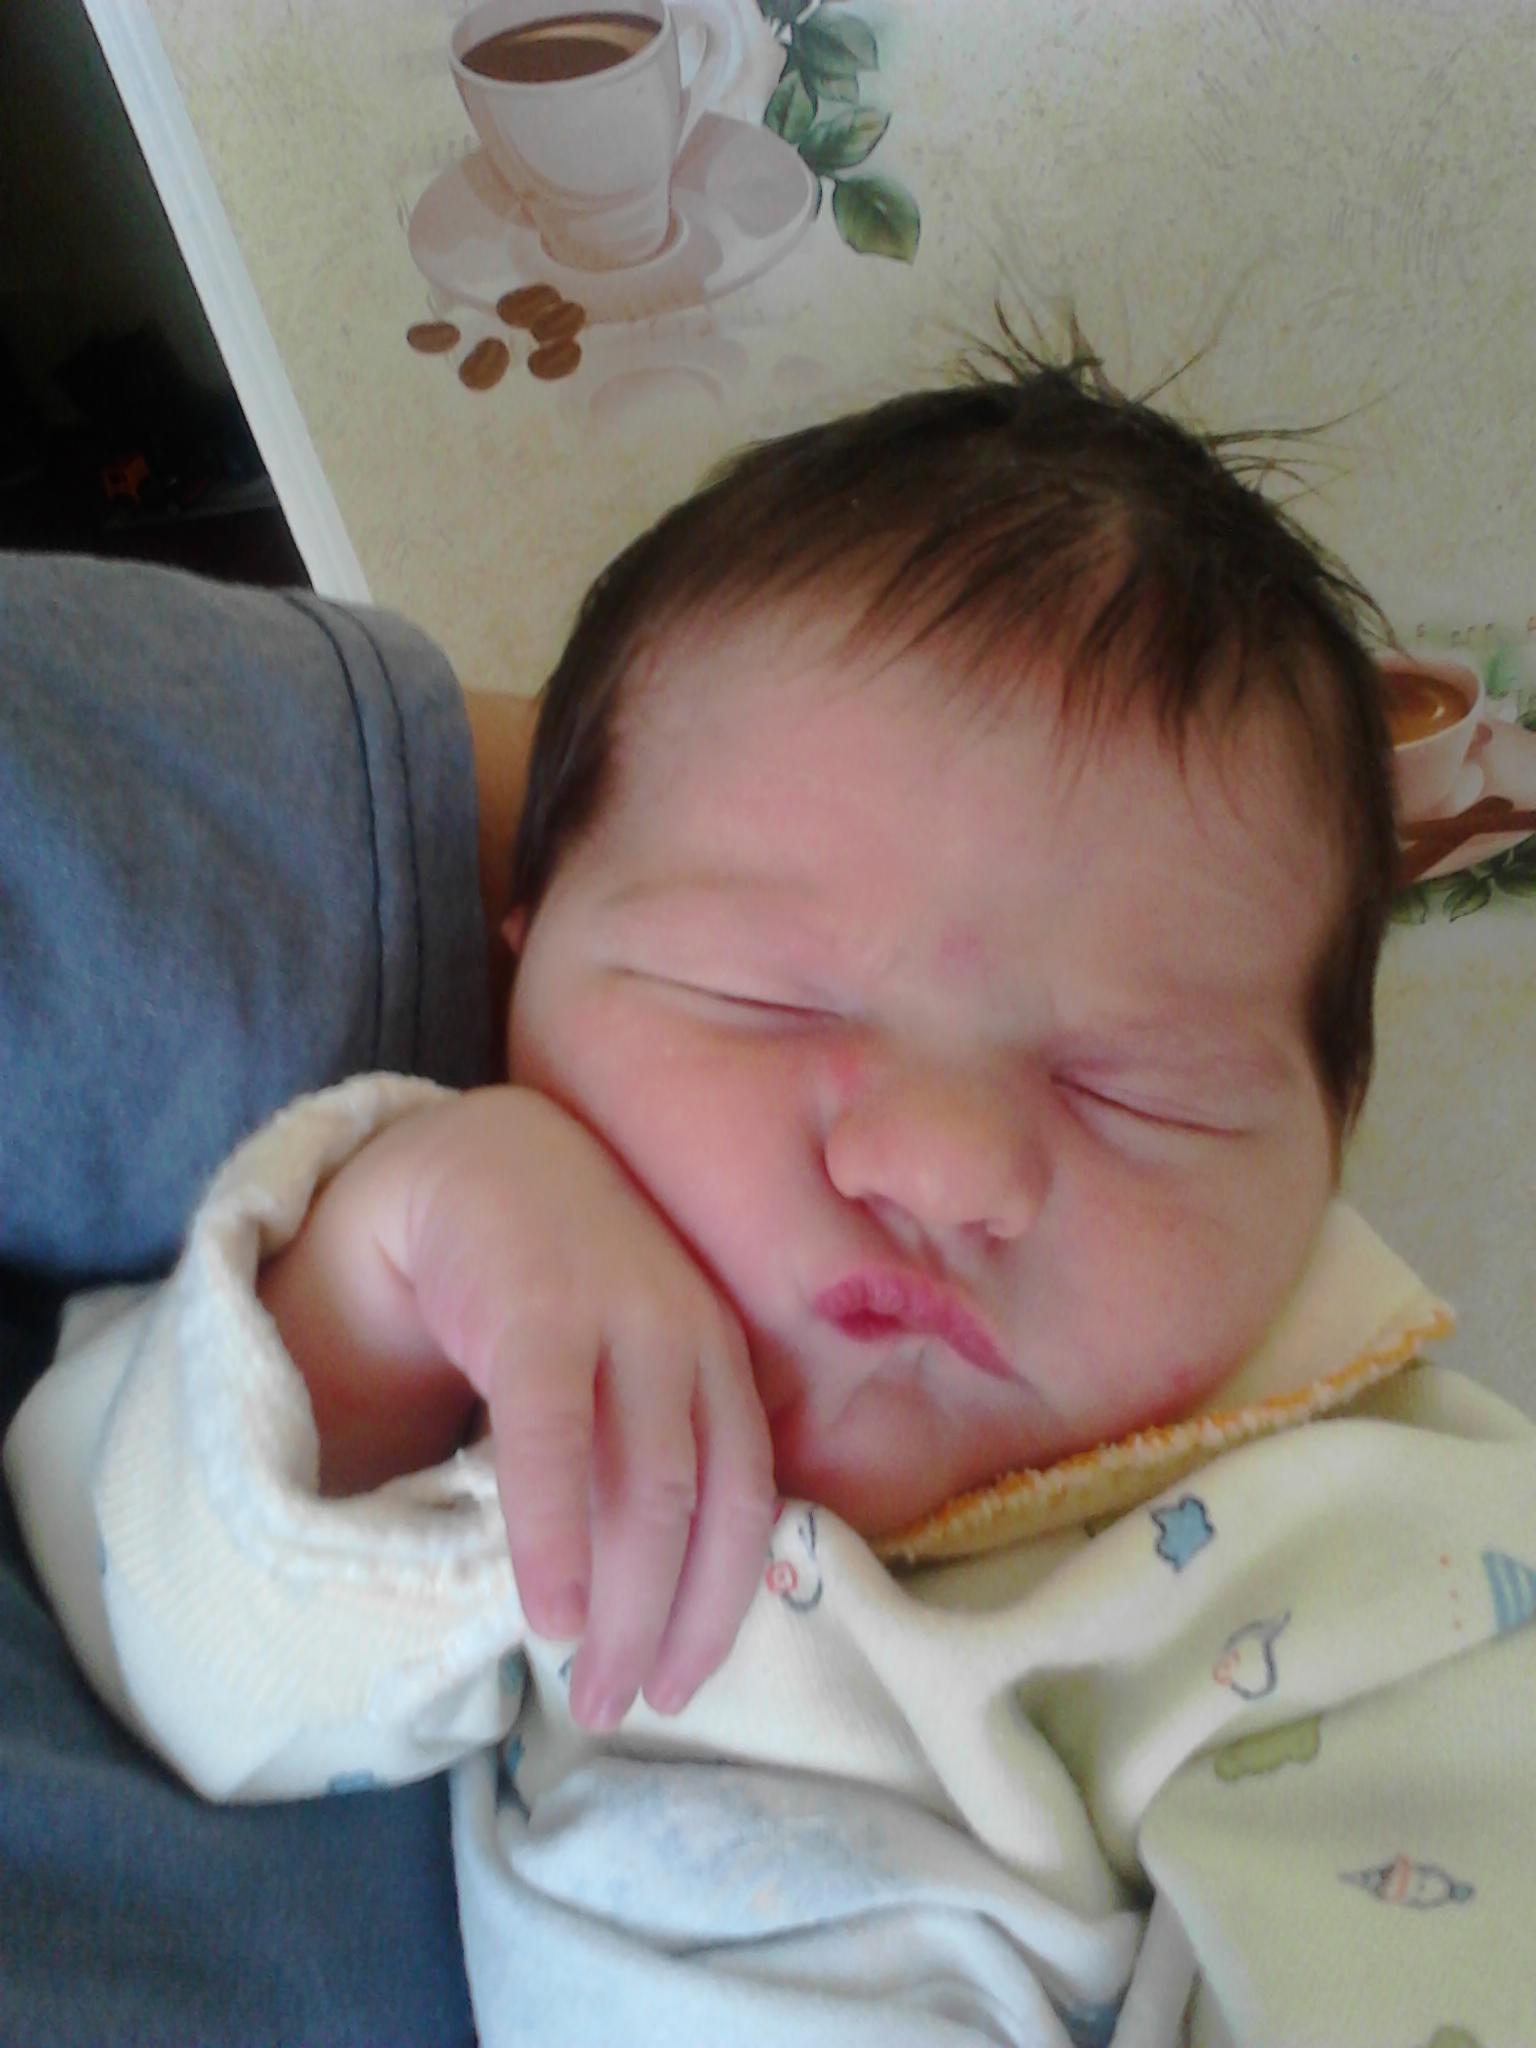 Так сладко спится на руках у бабушки :). Спокойной ночи! Кто спит слаще всего?